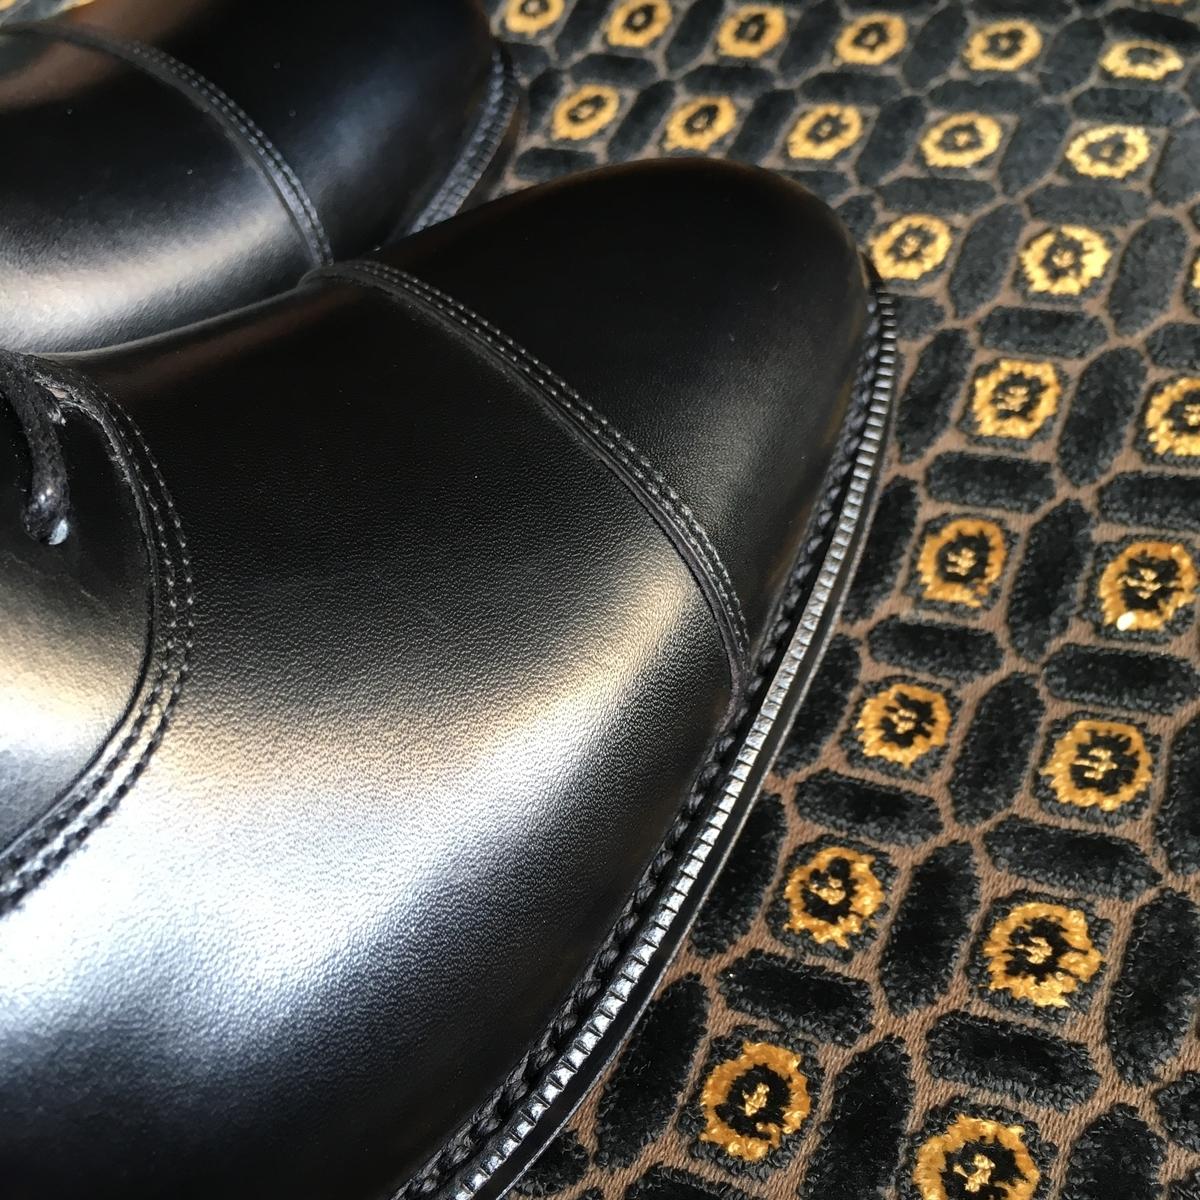 f:id:raymar-shoes:20190910212845j:plain